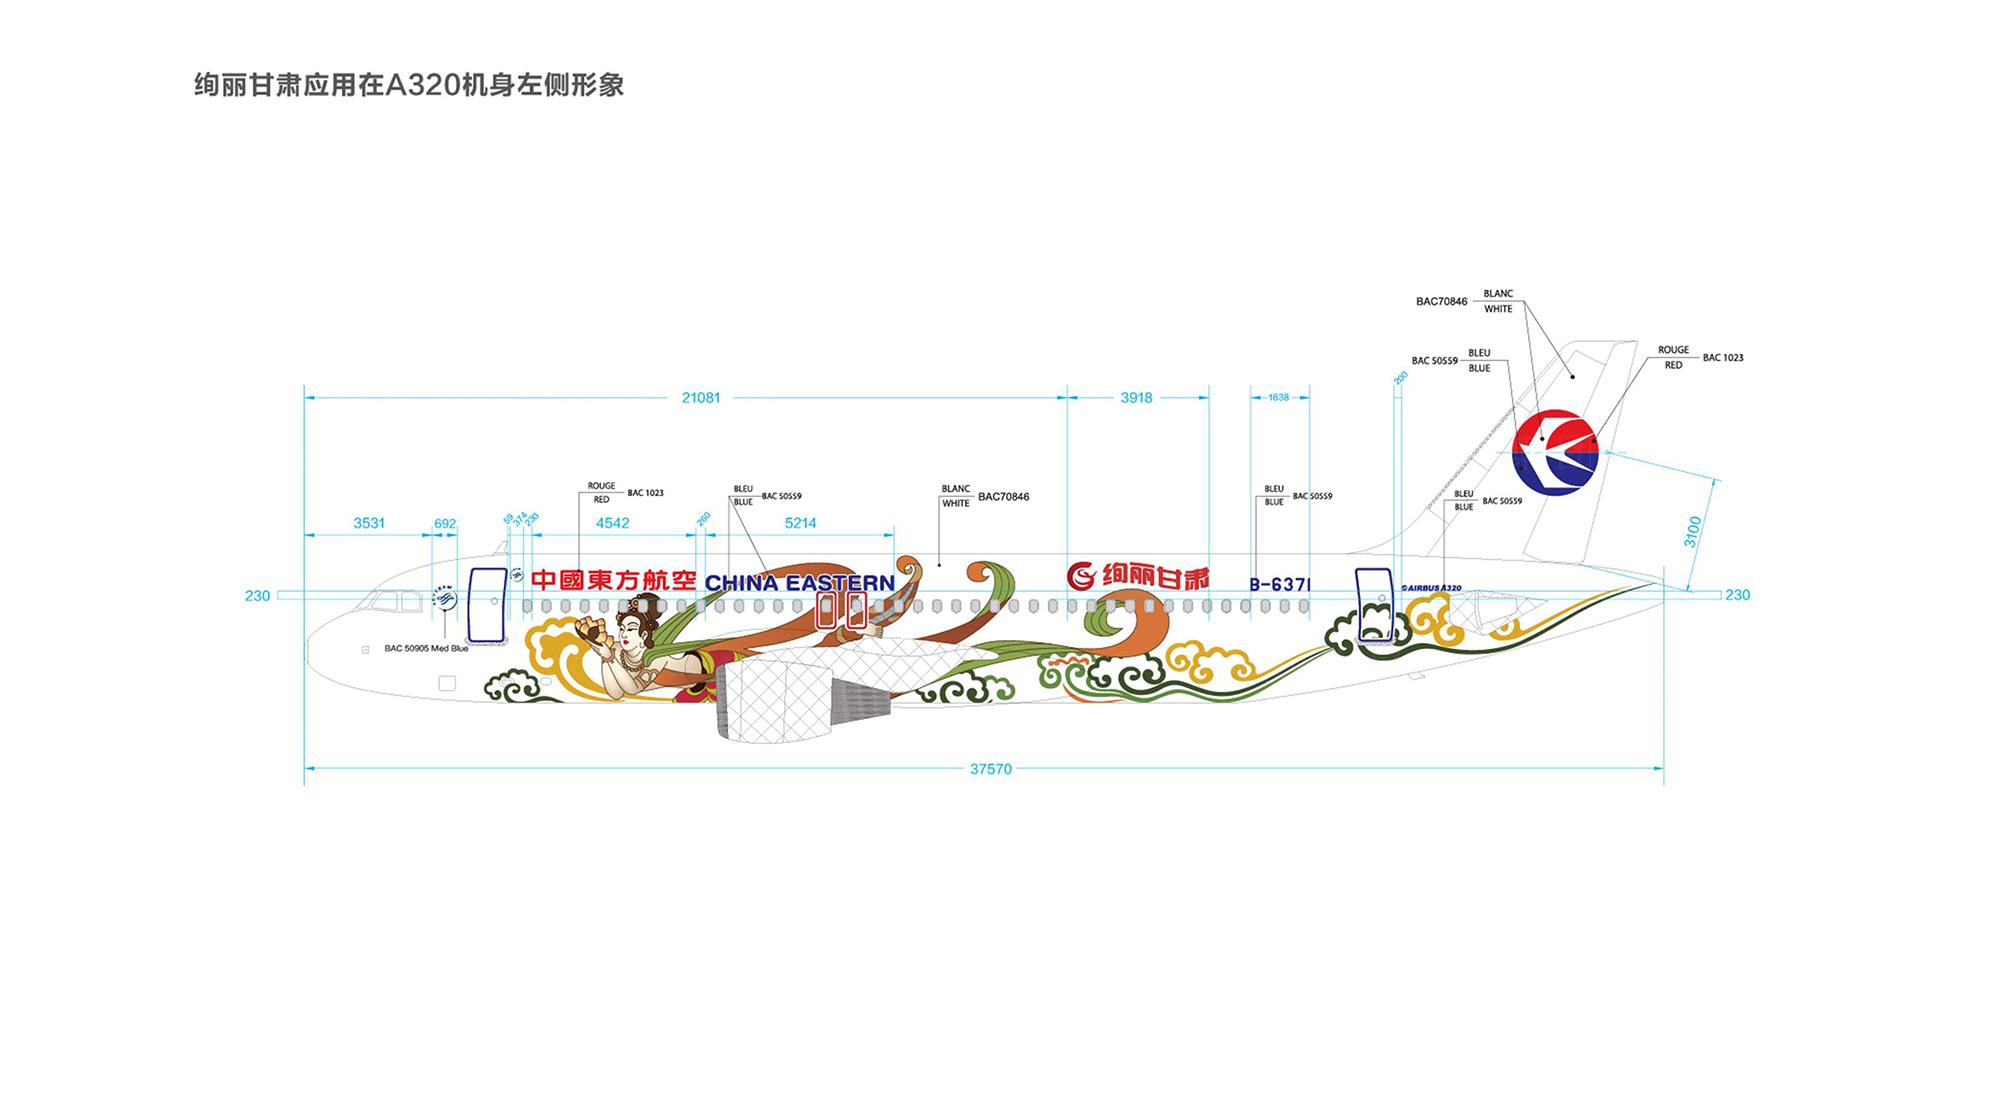 交通运输品牌设计东方航空机身设计&机身设计制图